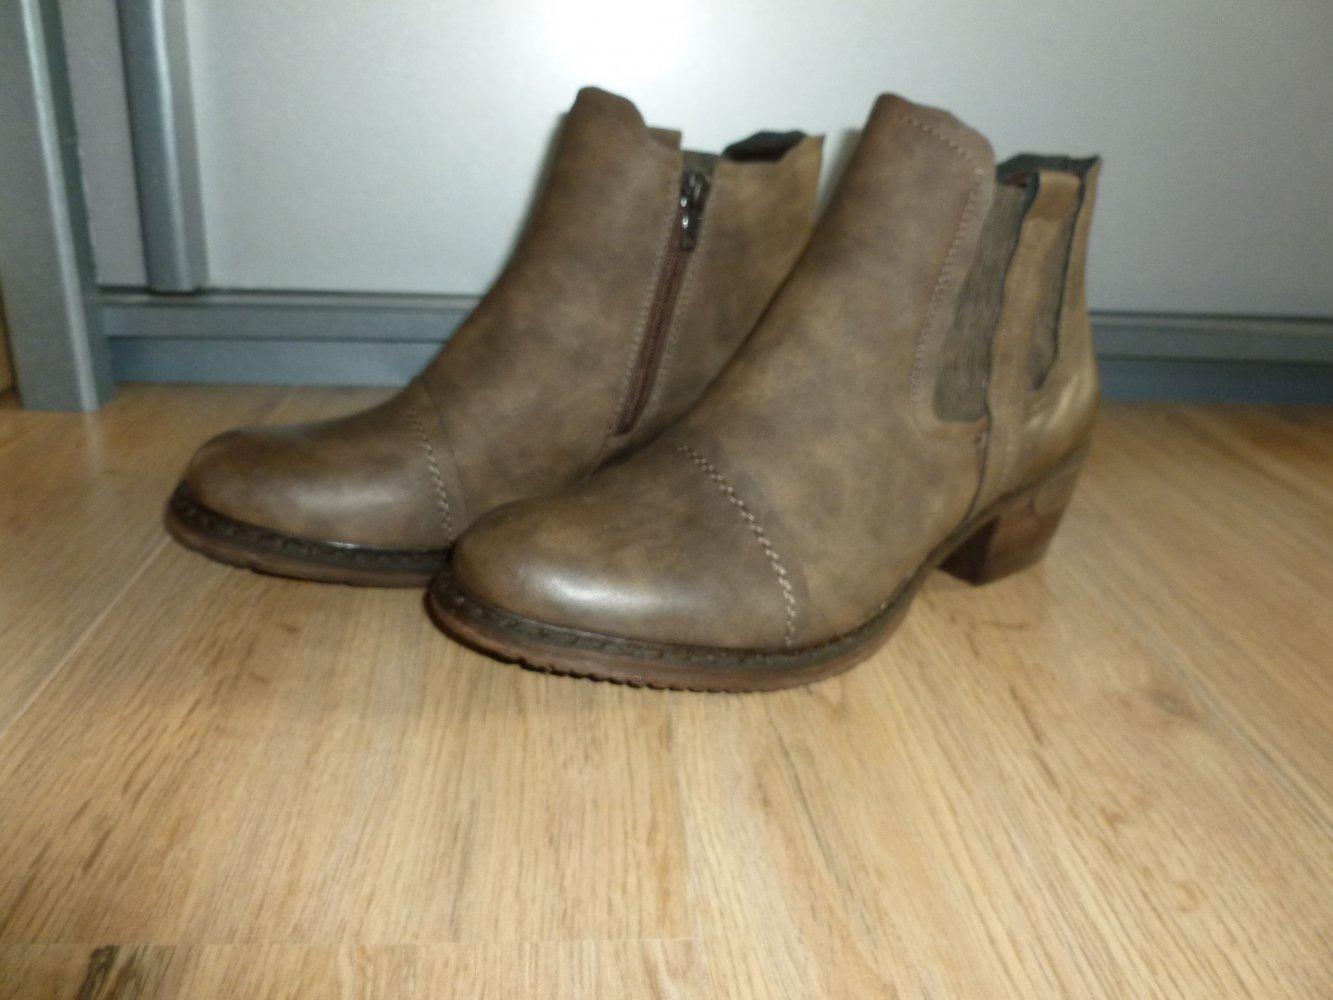 Rieker Stiefeletten Schuhe braun gefüttert Neu    Kleiderkorb.de 323b1fb0c5